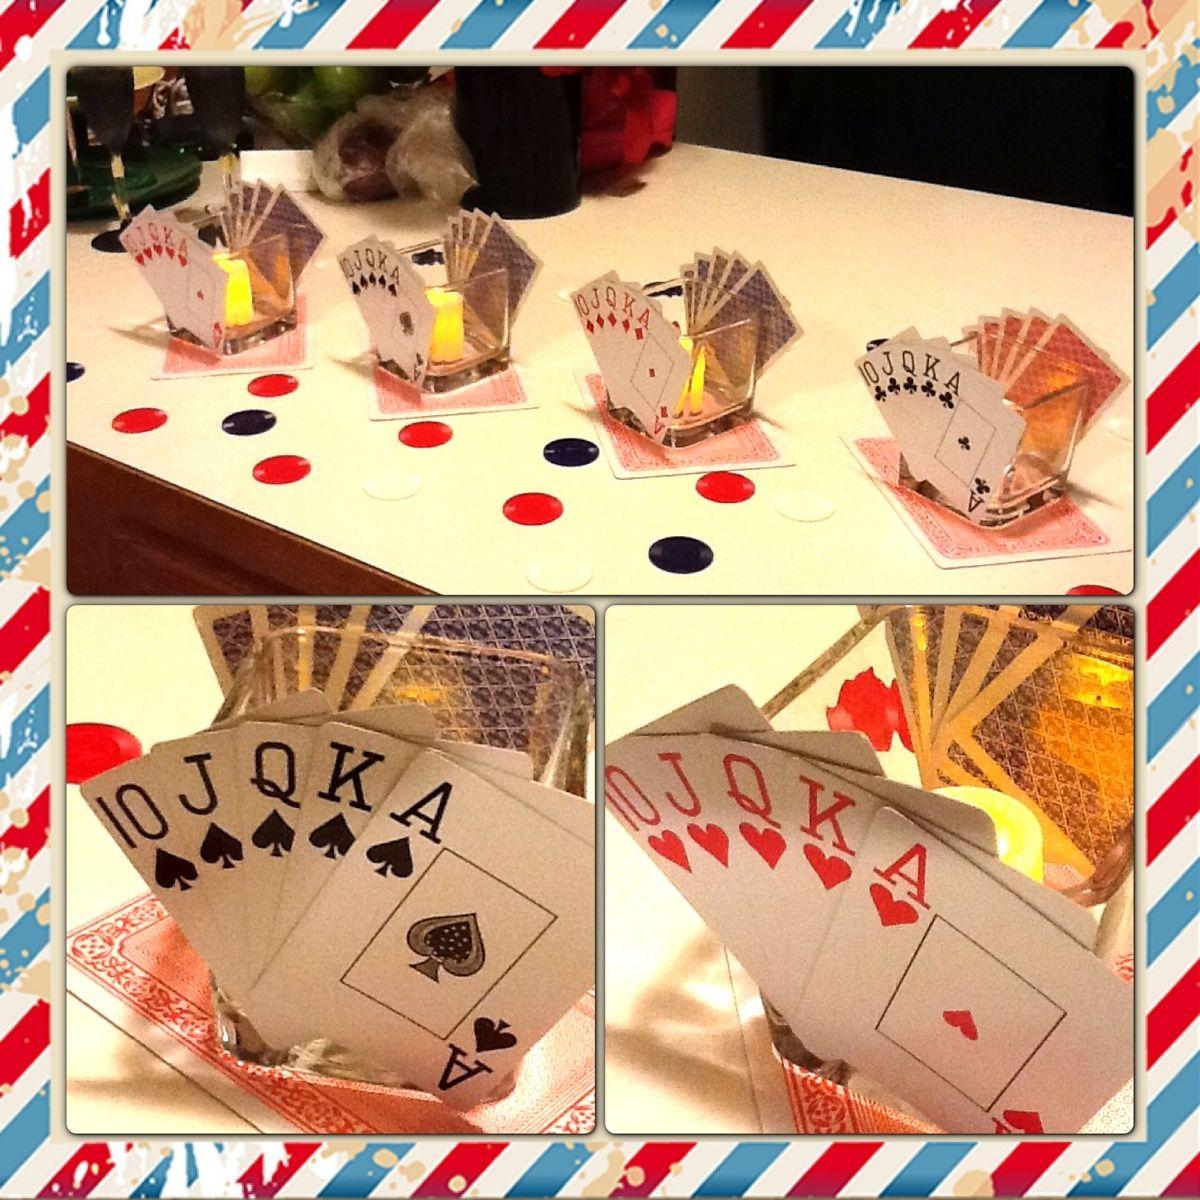 Pin von heidi krause auf casino mottoparty las vegas party und geburtstagsfeier ideen - Mottoparty ideen ...